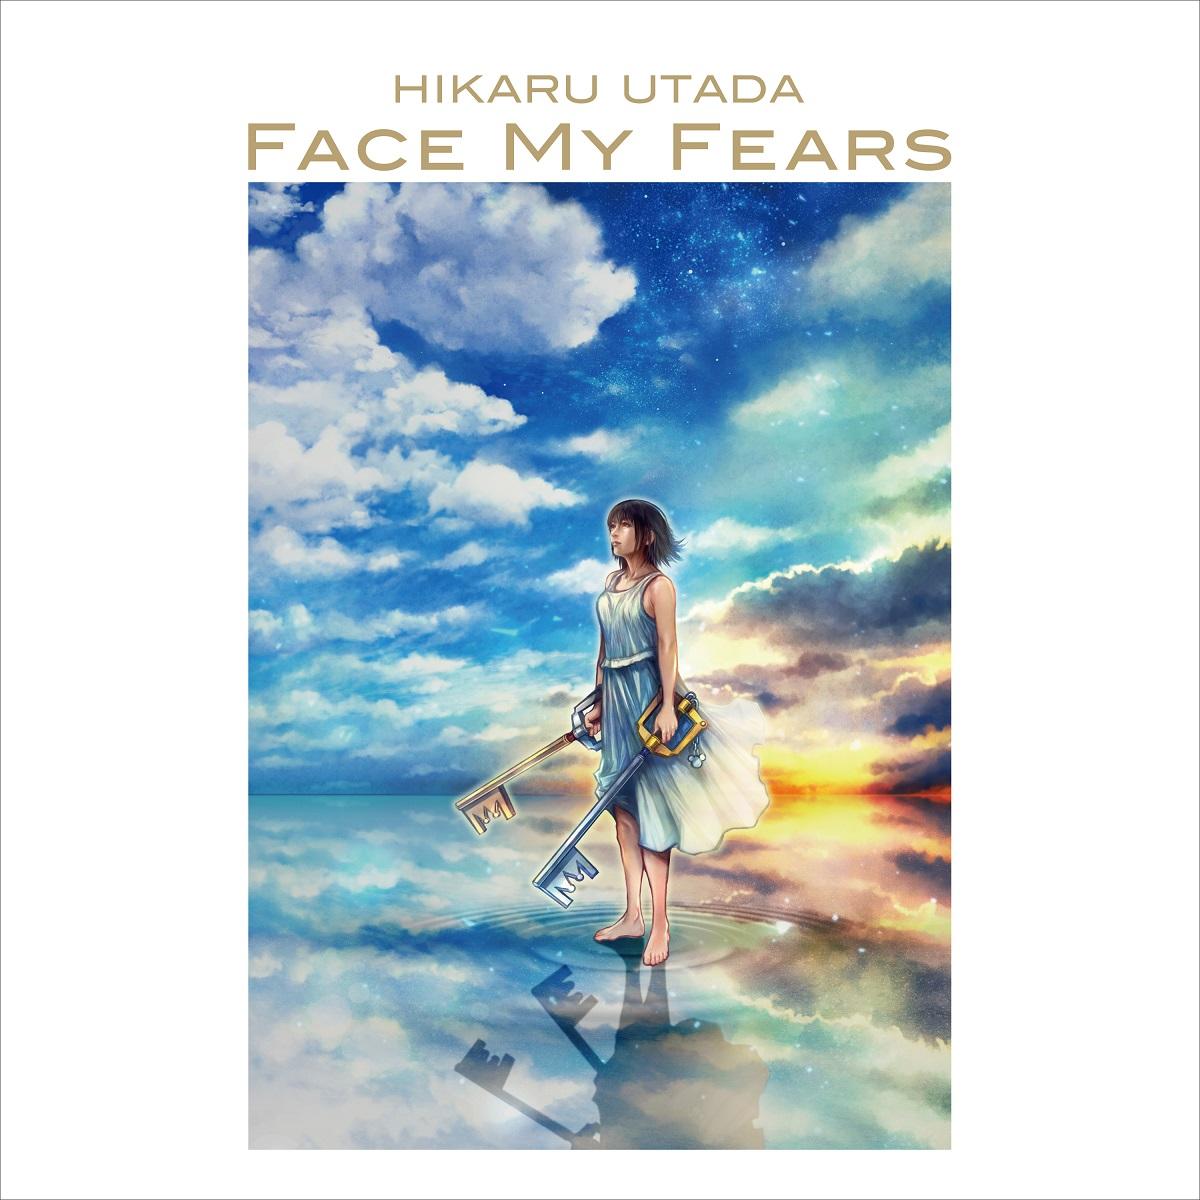 宇多田ヒカル & Skrillex『Face My Fears (Japanese Version)』